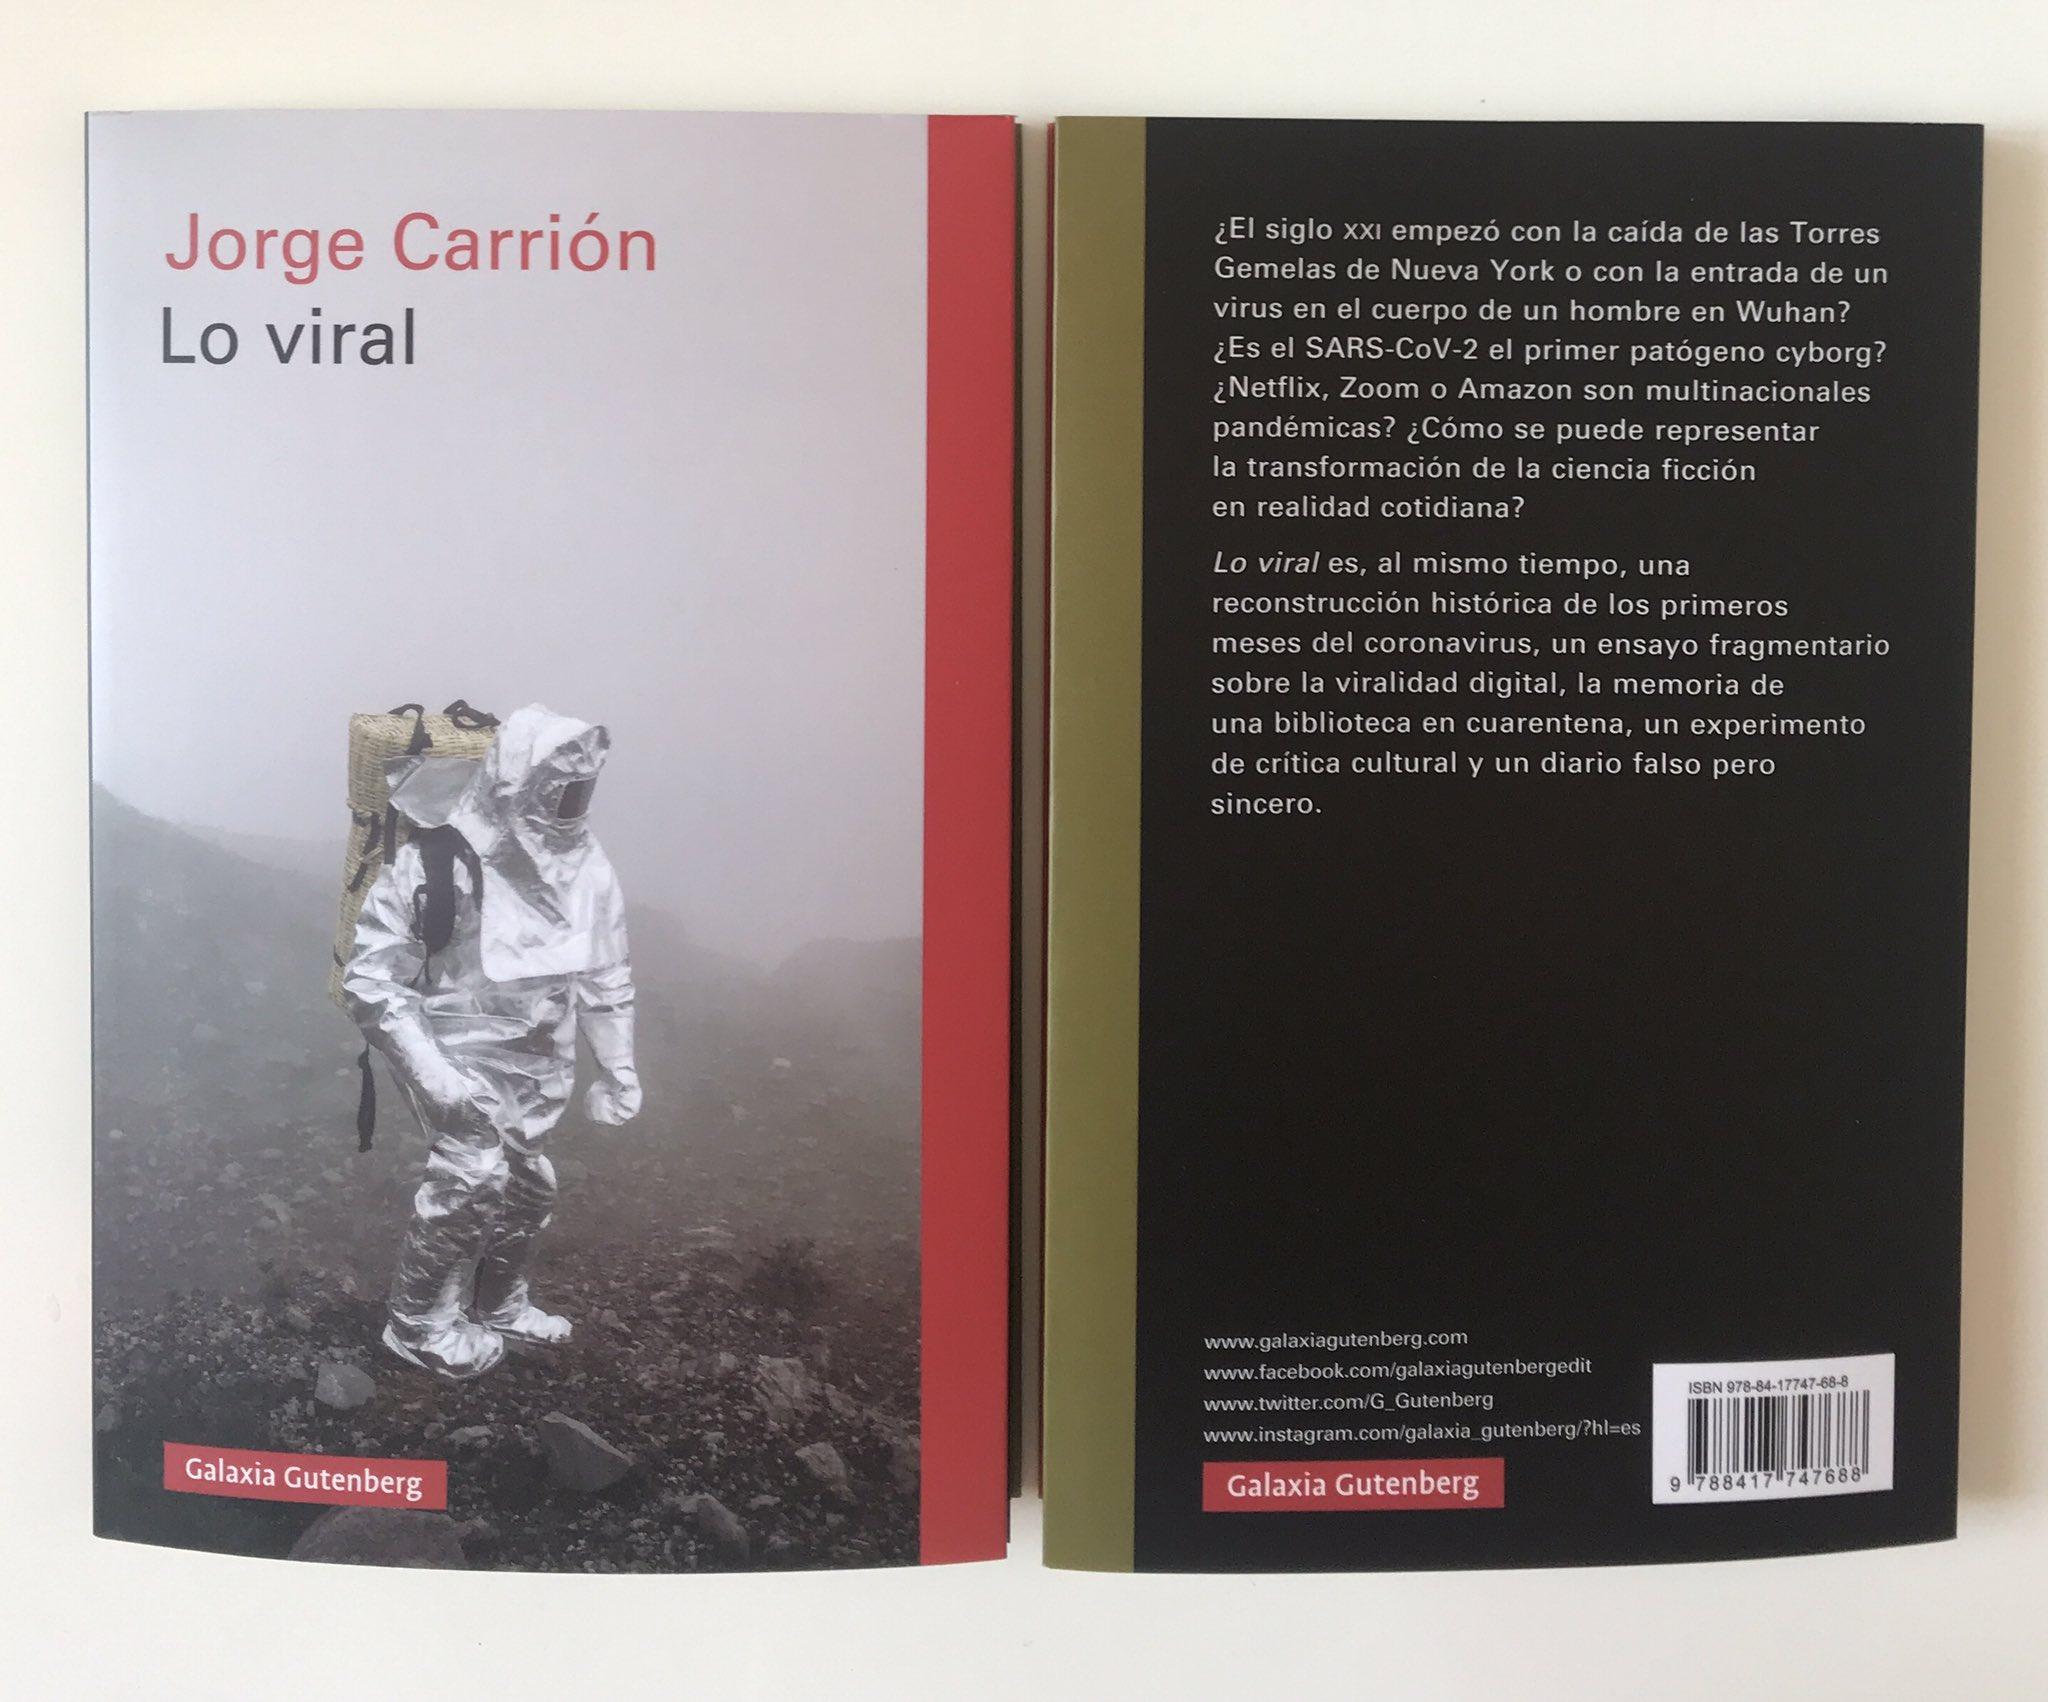 """Jorge Carrión on Twitter: """"Las primeras págs de """"Lo viral"""". El próximo miércoles llega a librerías y lo presento a las 19 horas en el Zoom de @nollegiu Como no voy a"""